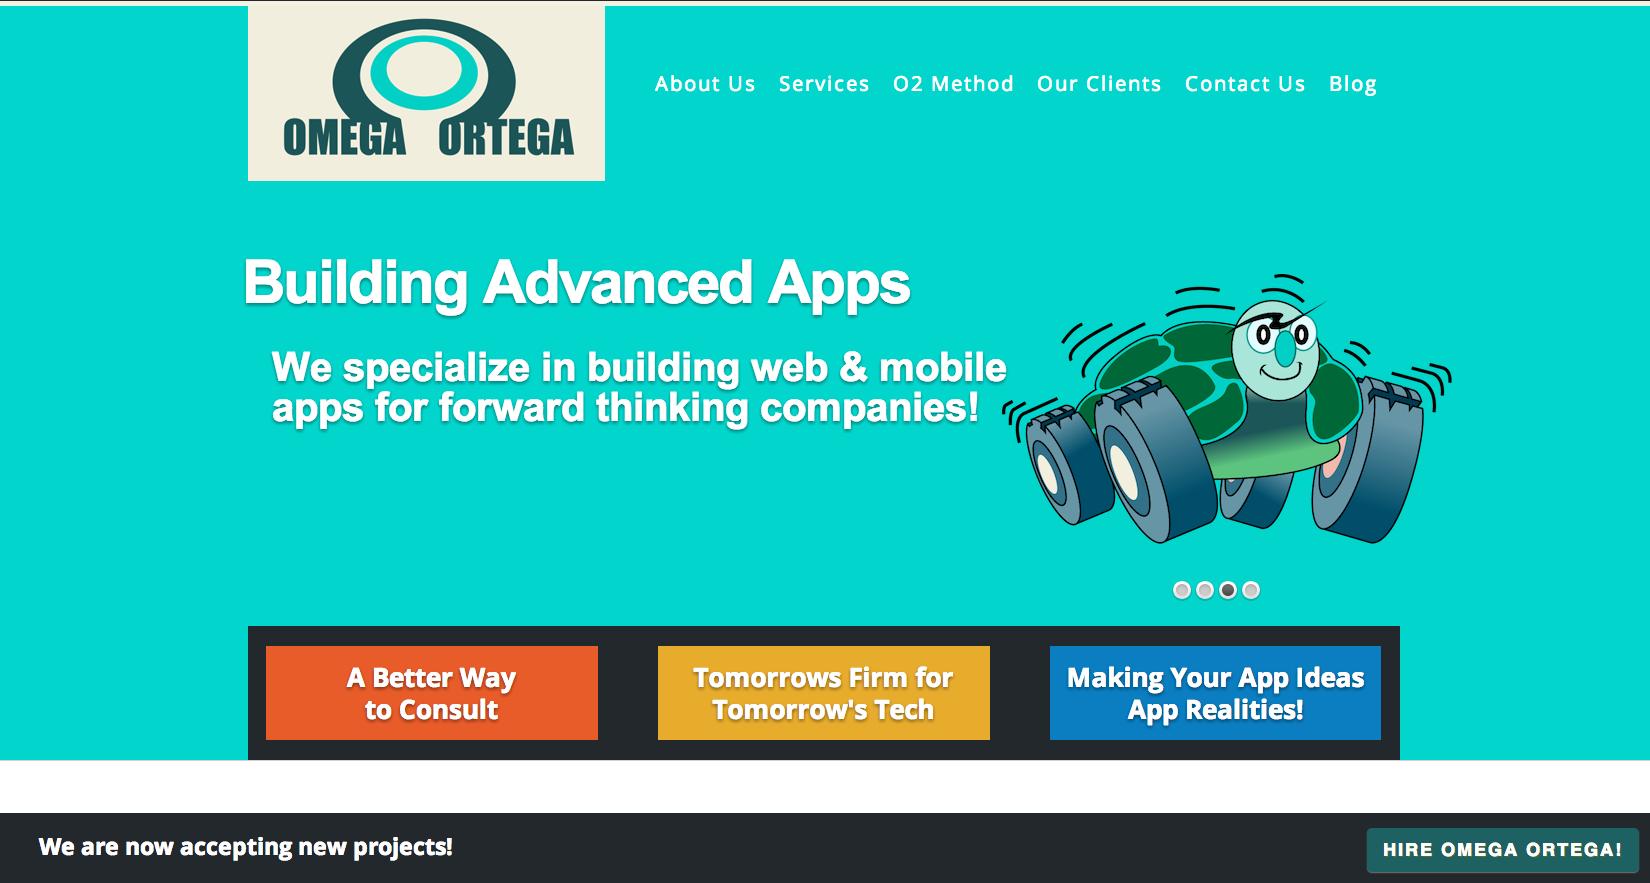 Omega Ortega